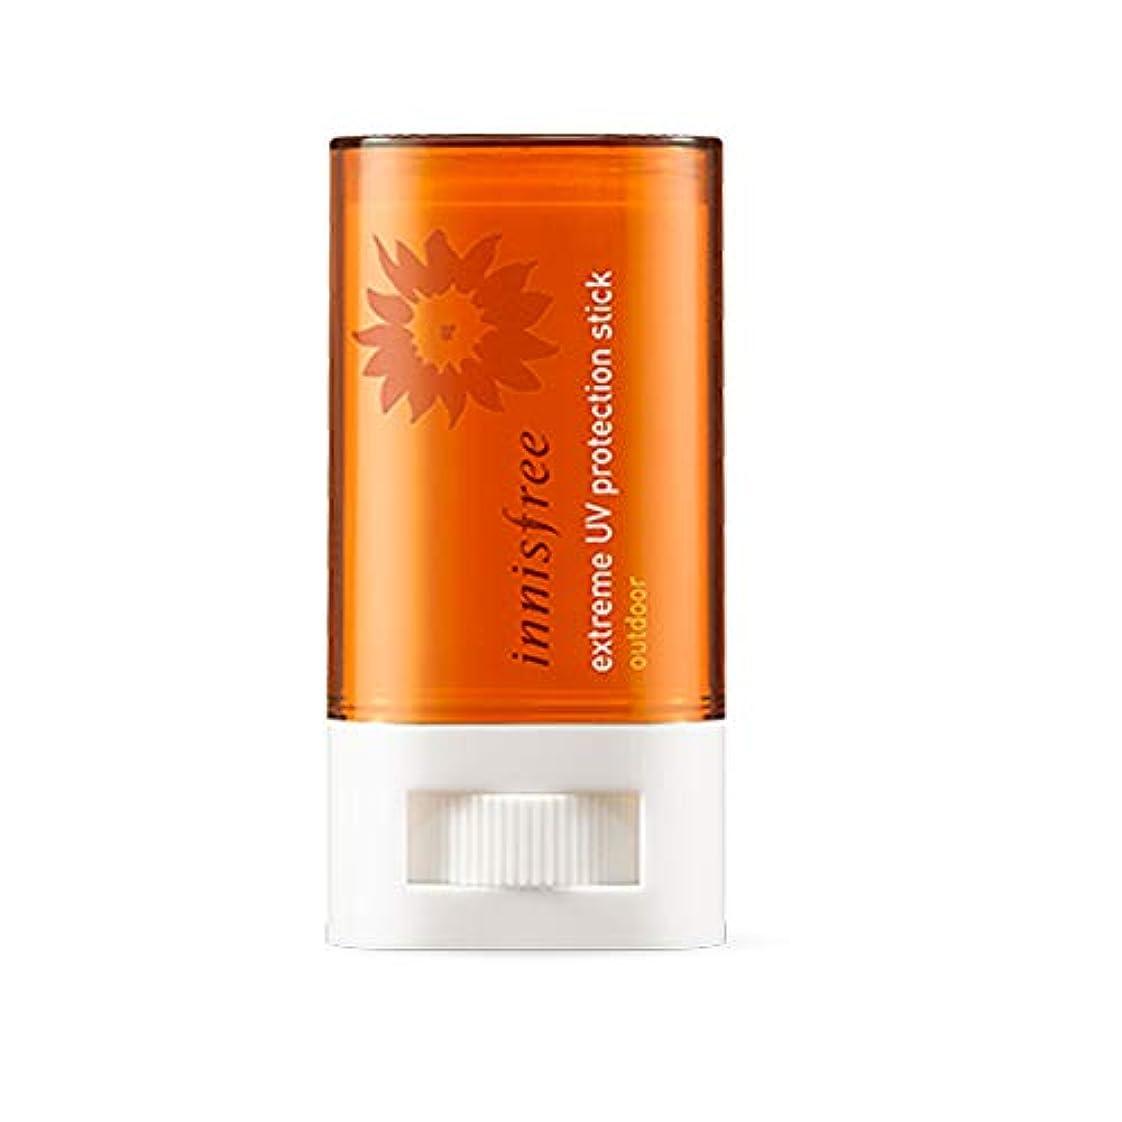 暫定バッジ目指すイニスフリーエクストリームUVプロテクションスティックアウトドアSPF50 + PA ++++ 19g Innisfree Extreme UV Protection Stick Outdoor SPF50 + PA +...